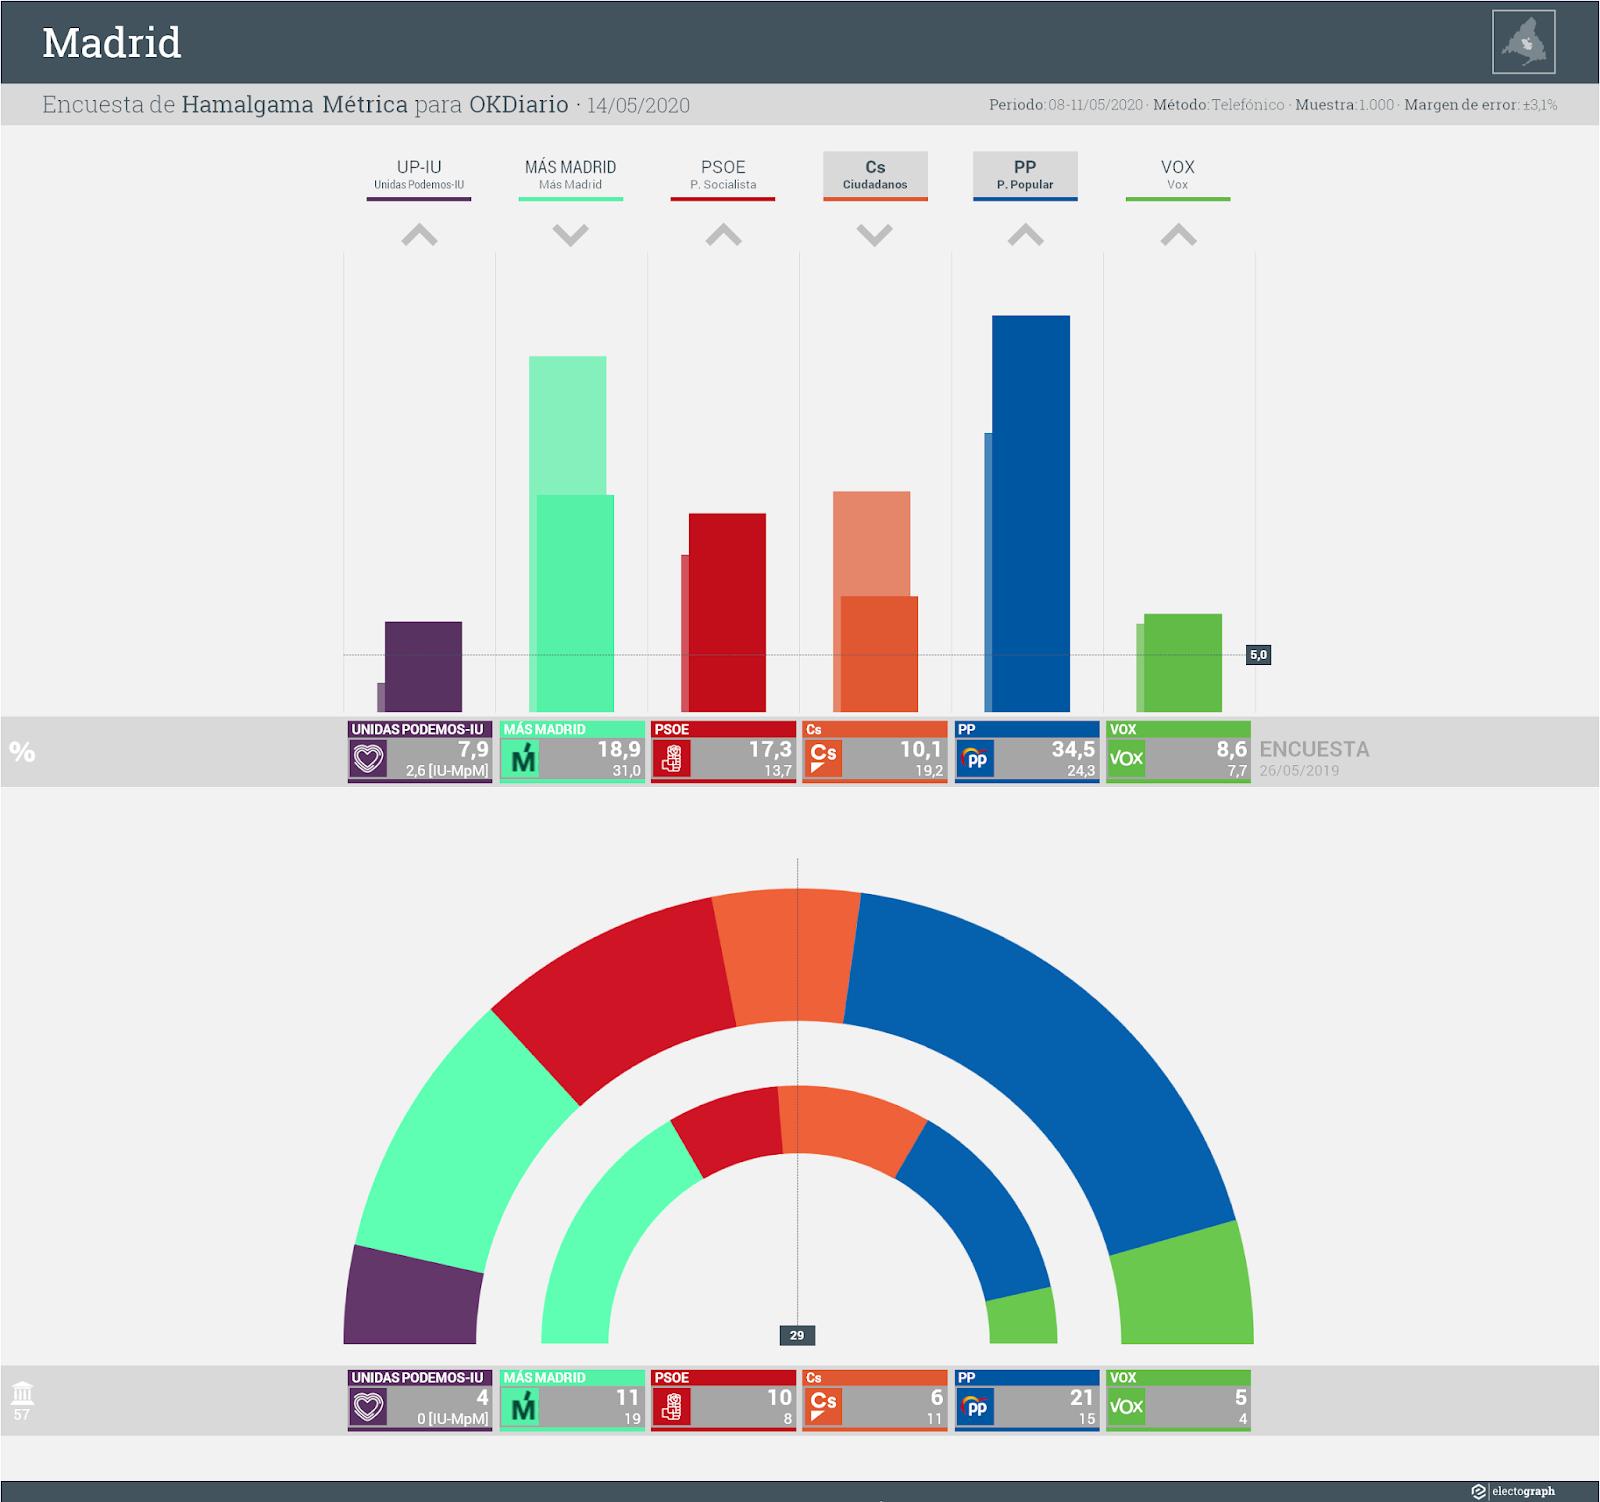 Gráfico de la encuesta para elecciones municipales en Madrid realizada por Hamalgama Métrica para OKDiario, 14 de mayo de 2020